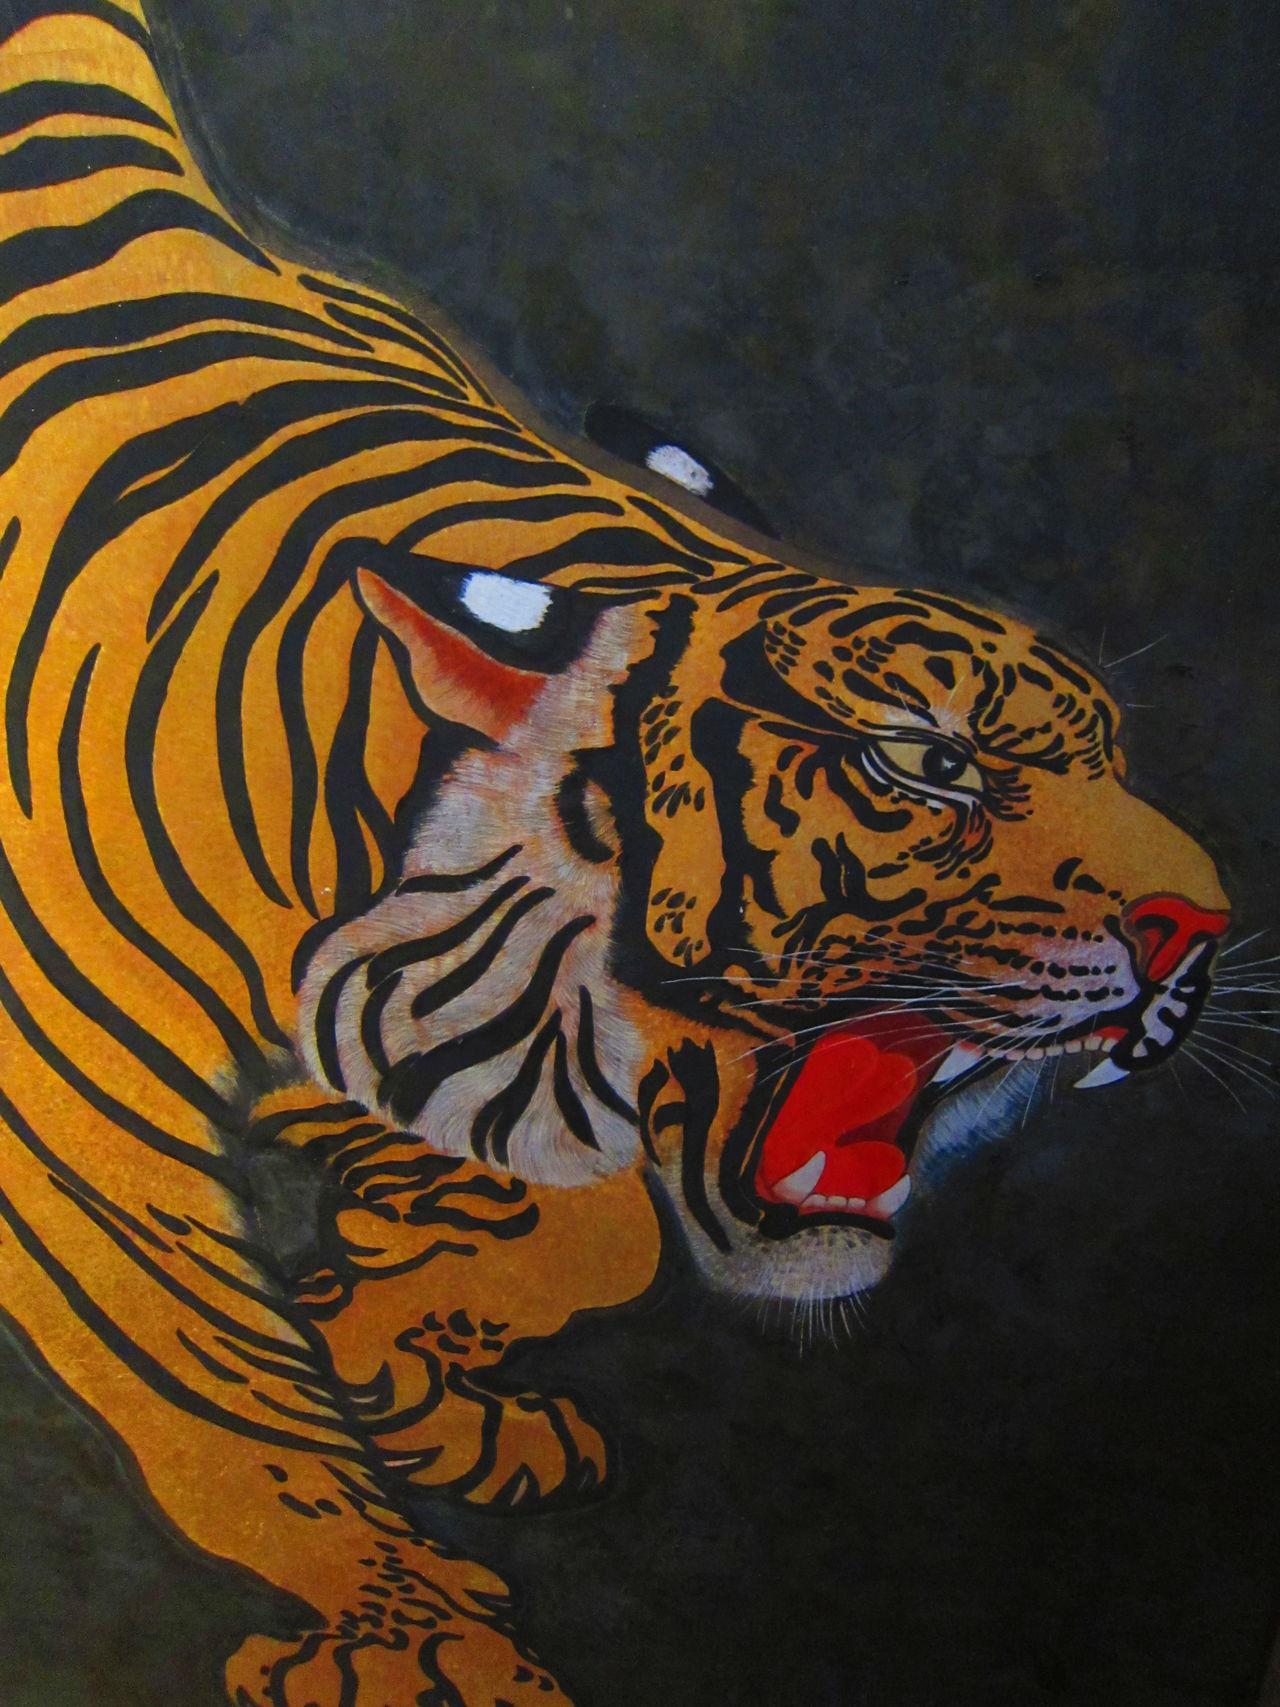 Fierce Animal Themes Fierce Historical Architecture Japanese Art Roar Tiger Tiger Art Wild Cats Kokura Castle Kokura Jyo Kokura 小倉 小倉城